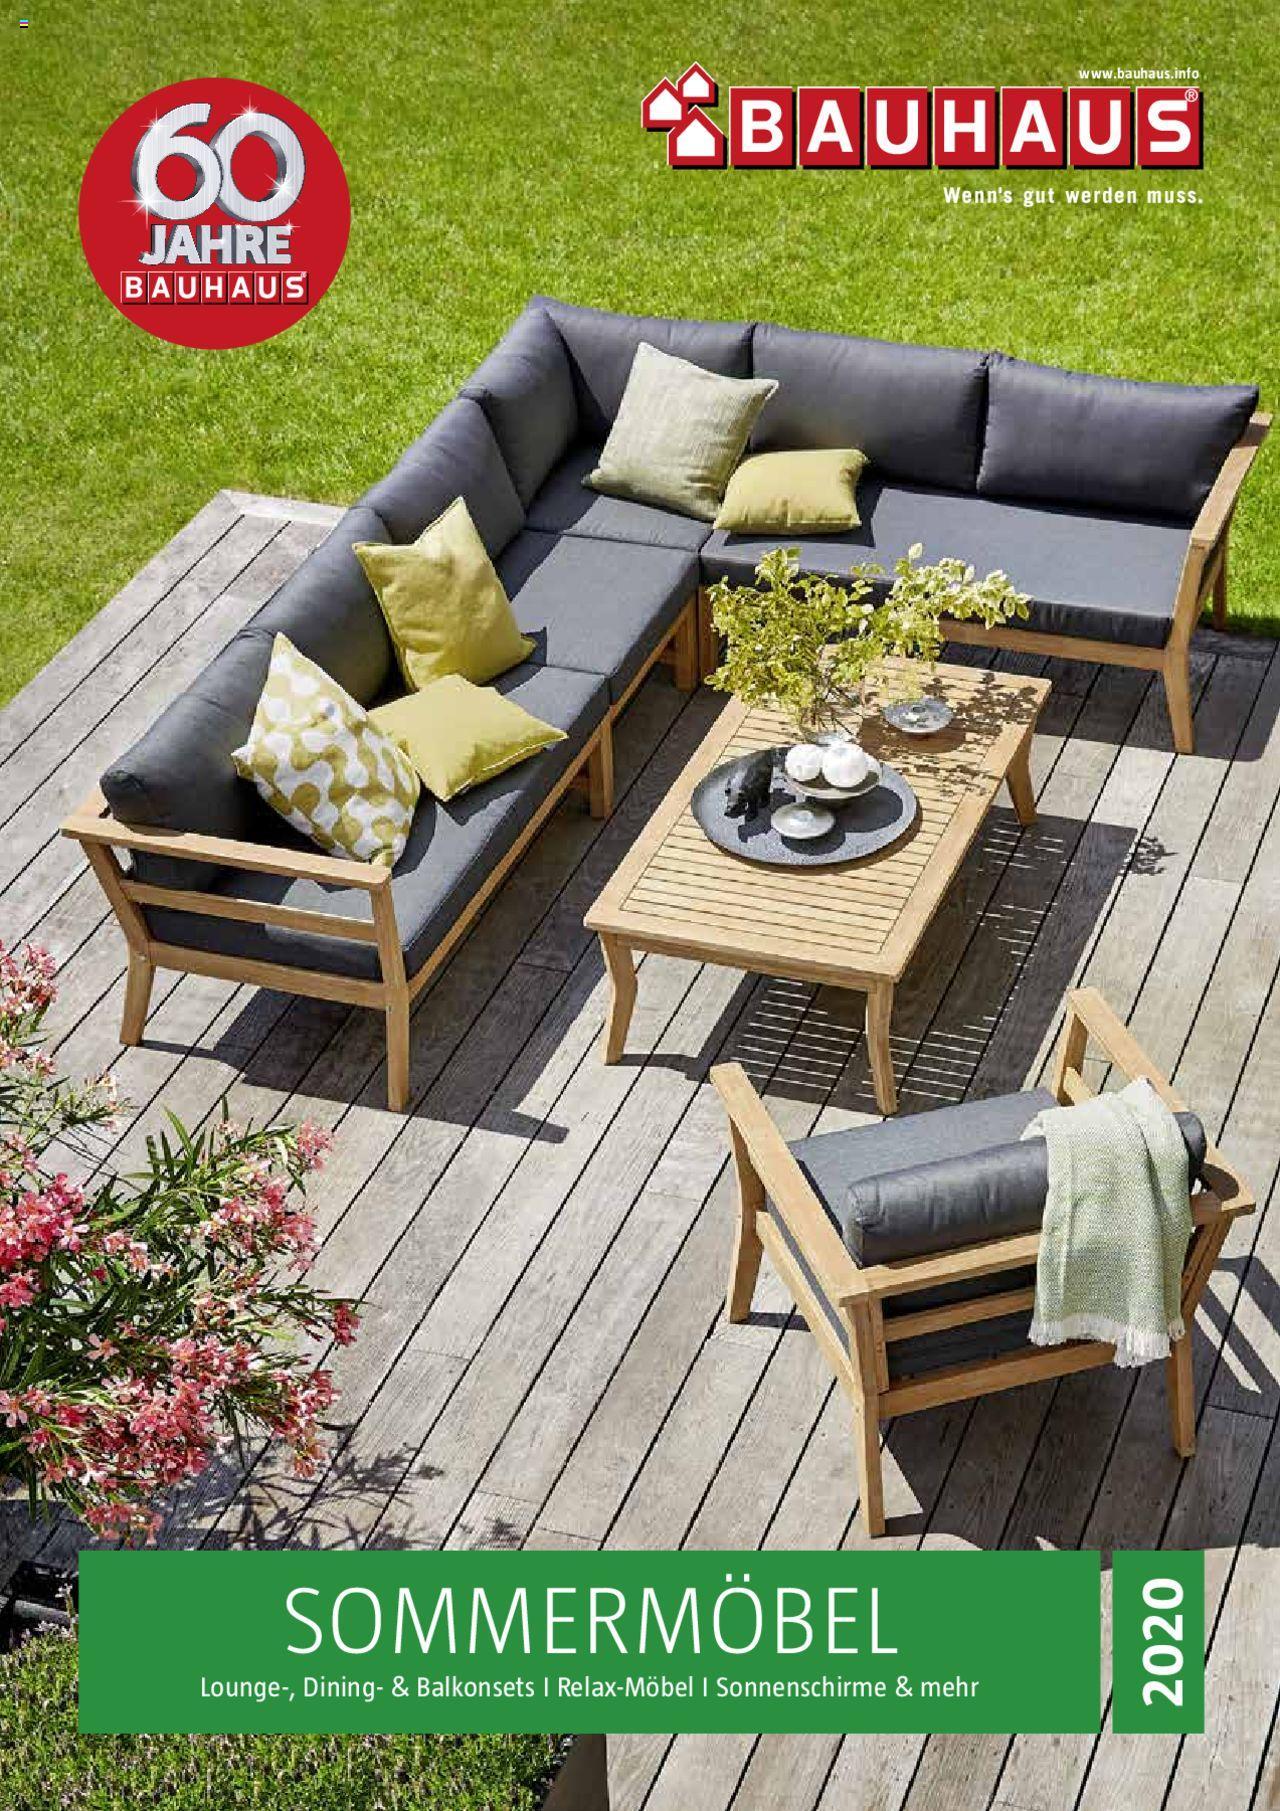 Full Size of Bauhaus Sommermbel 2020 02042020 30062020 Liegestuhl Garten Fenster Wohnzimmer Liegestuhl Bauhaus